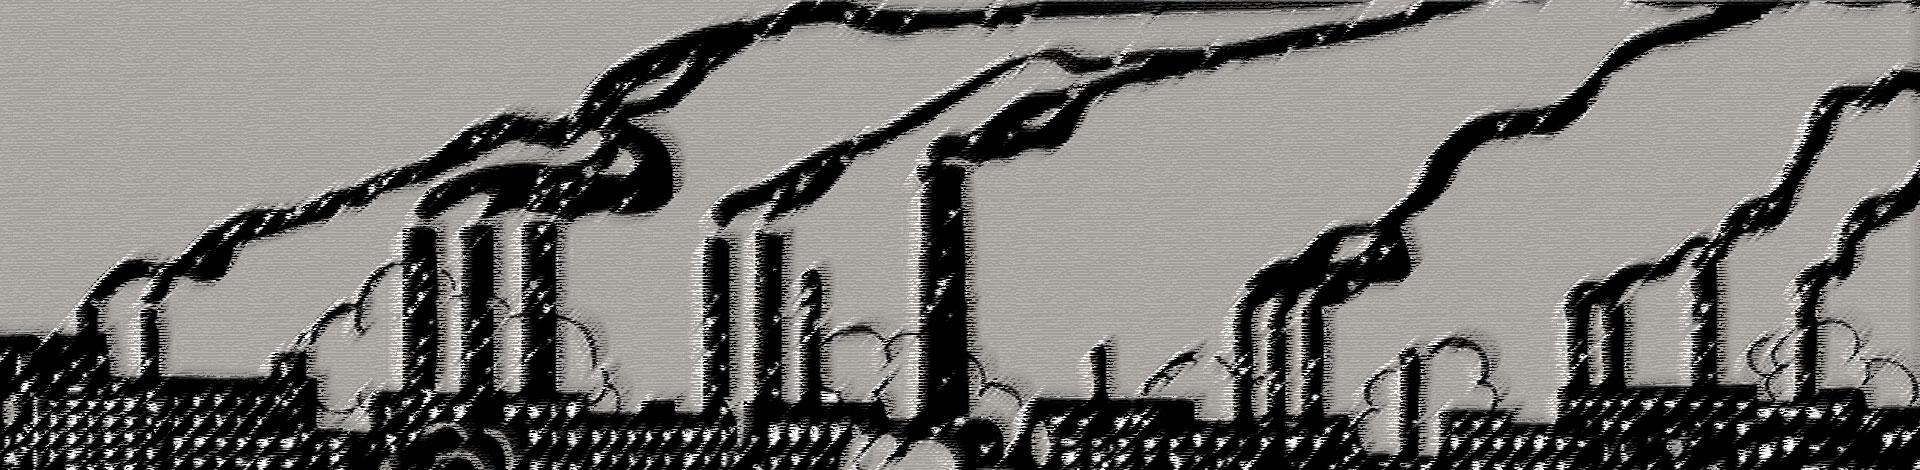 Contaminació odorífera al Fòrum